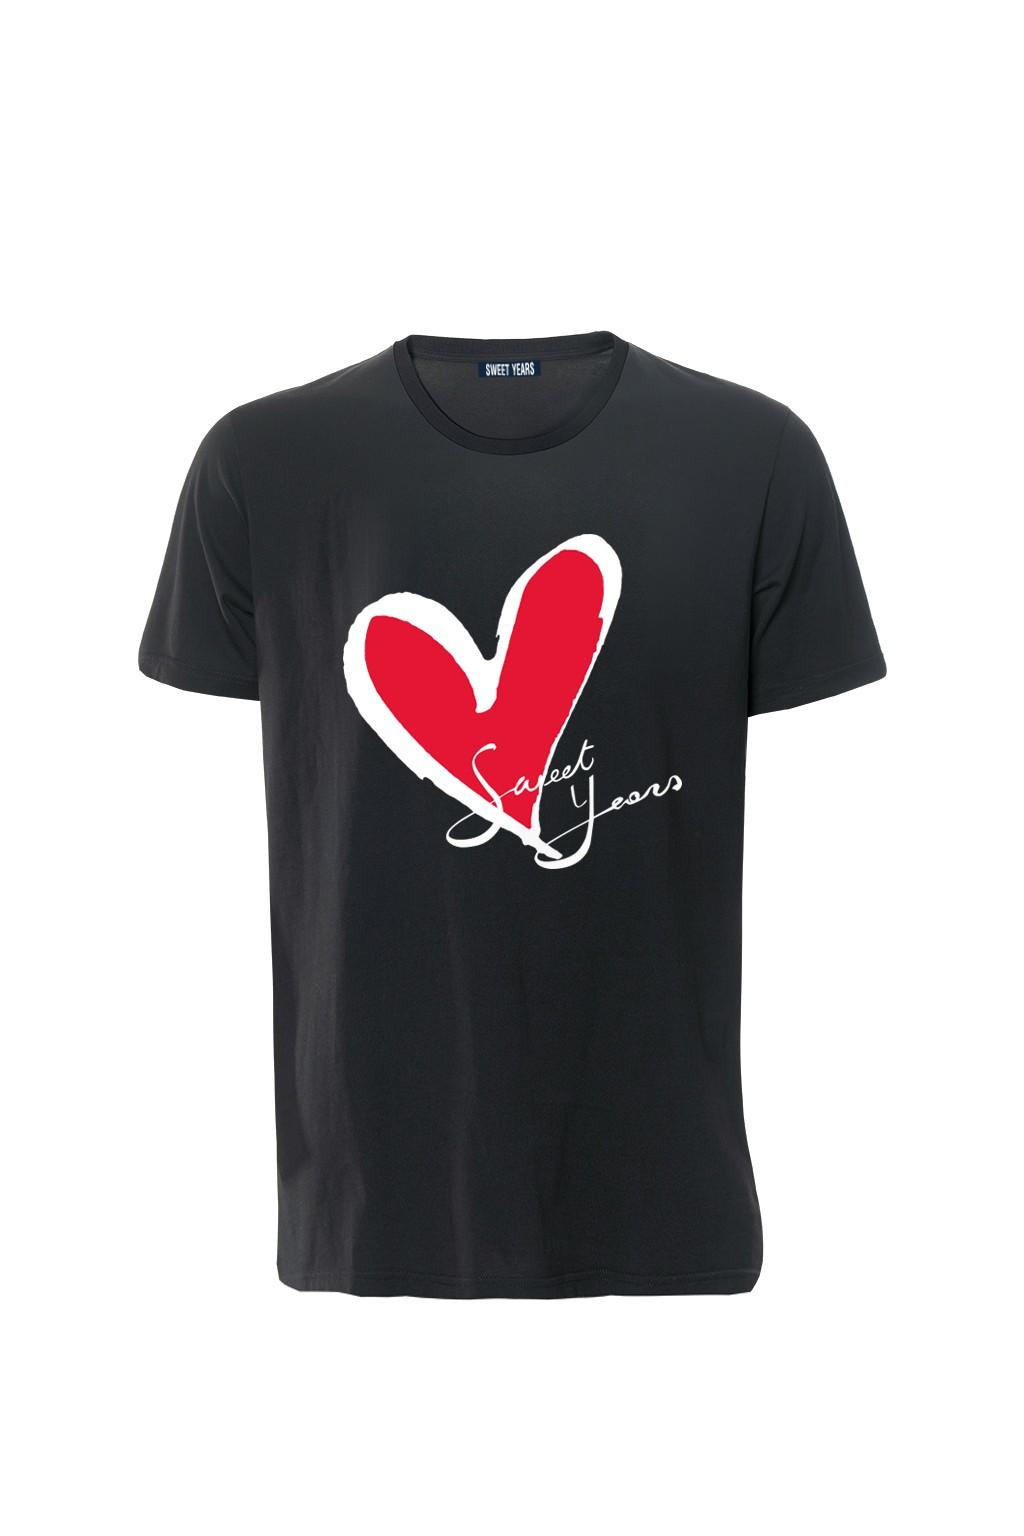 T-shirt in cotone nero Sweet Years con grande stampa con cuore classico sul davanti.